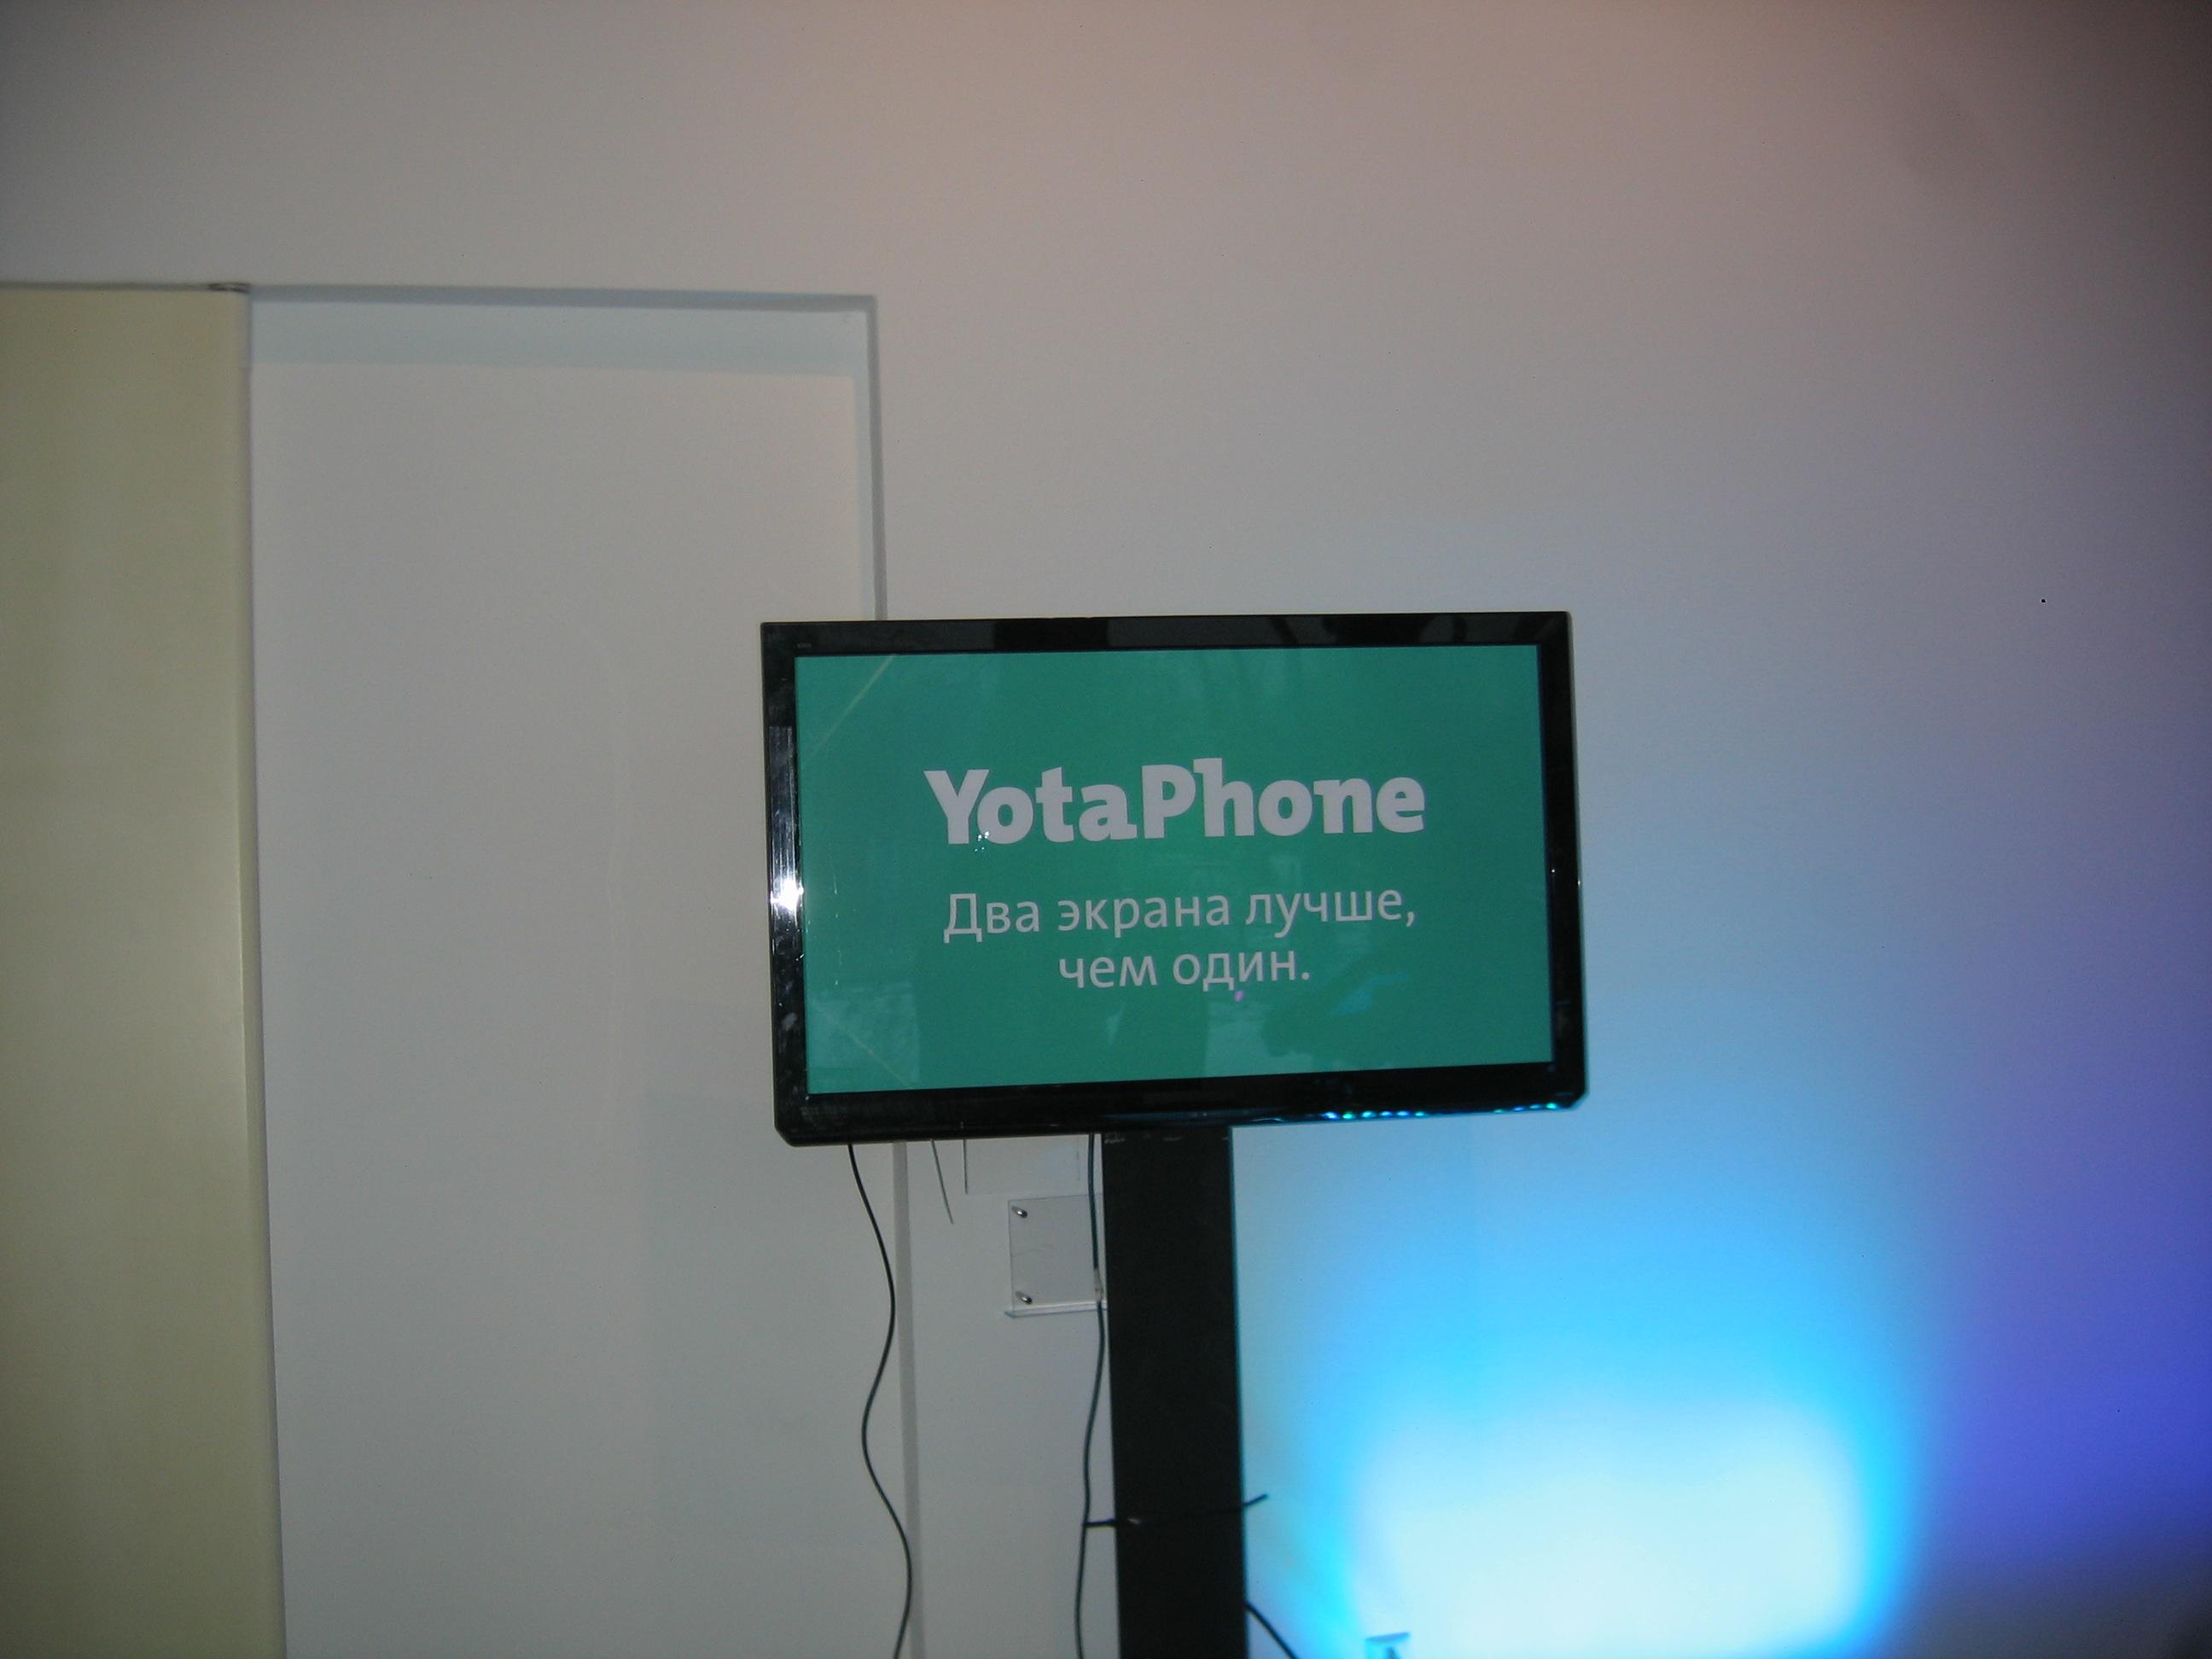 Главный рекламный тэглайн Yotaphone обозначает двуэкранность как главную функцию